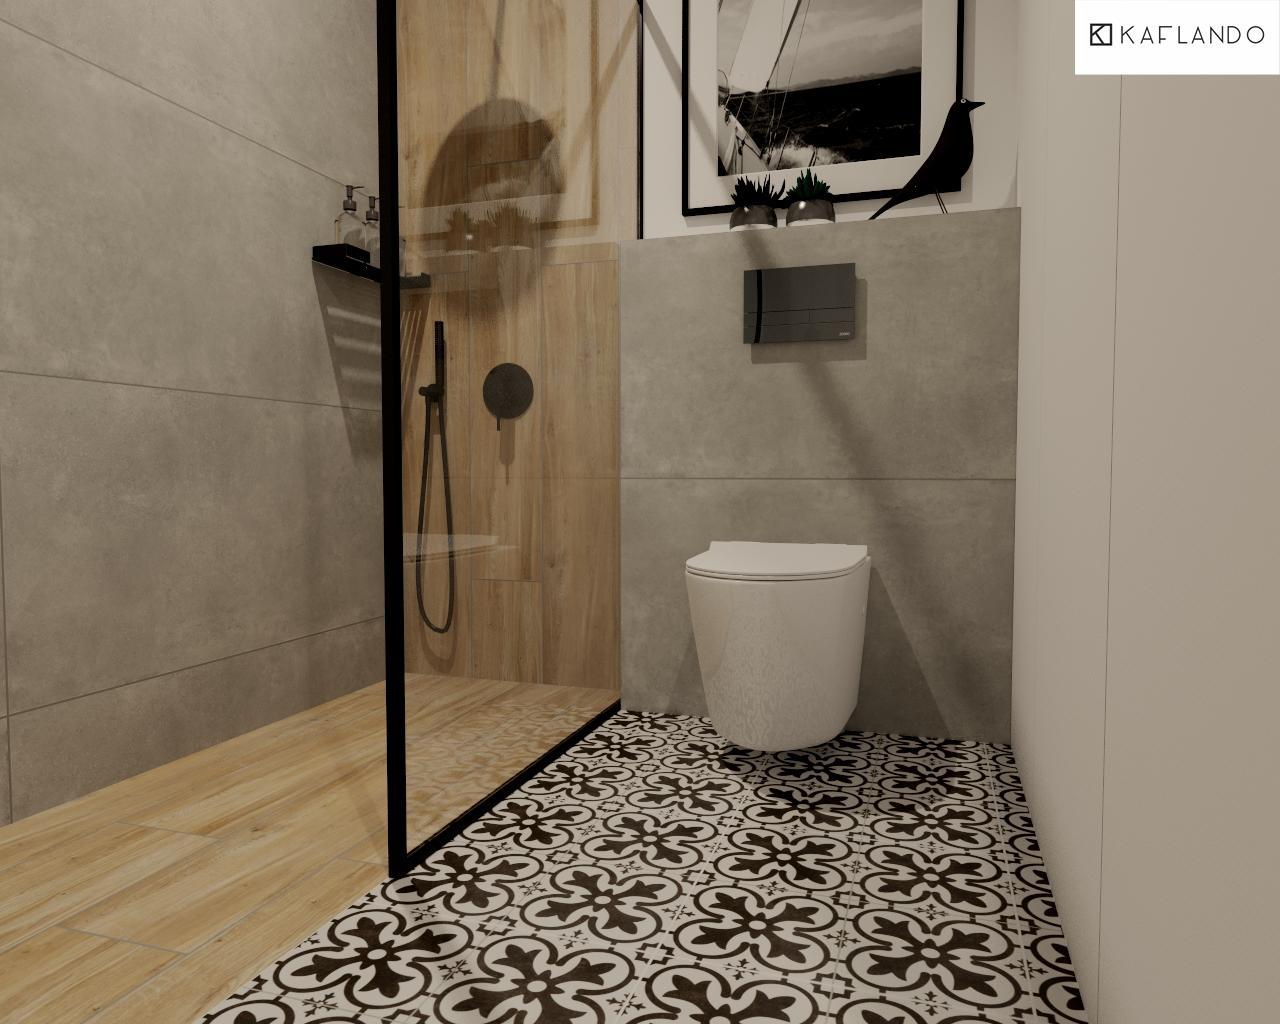 płytki patchwork do łazienki